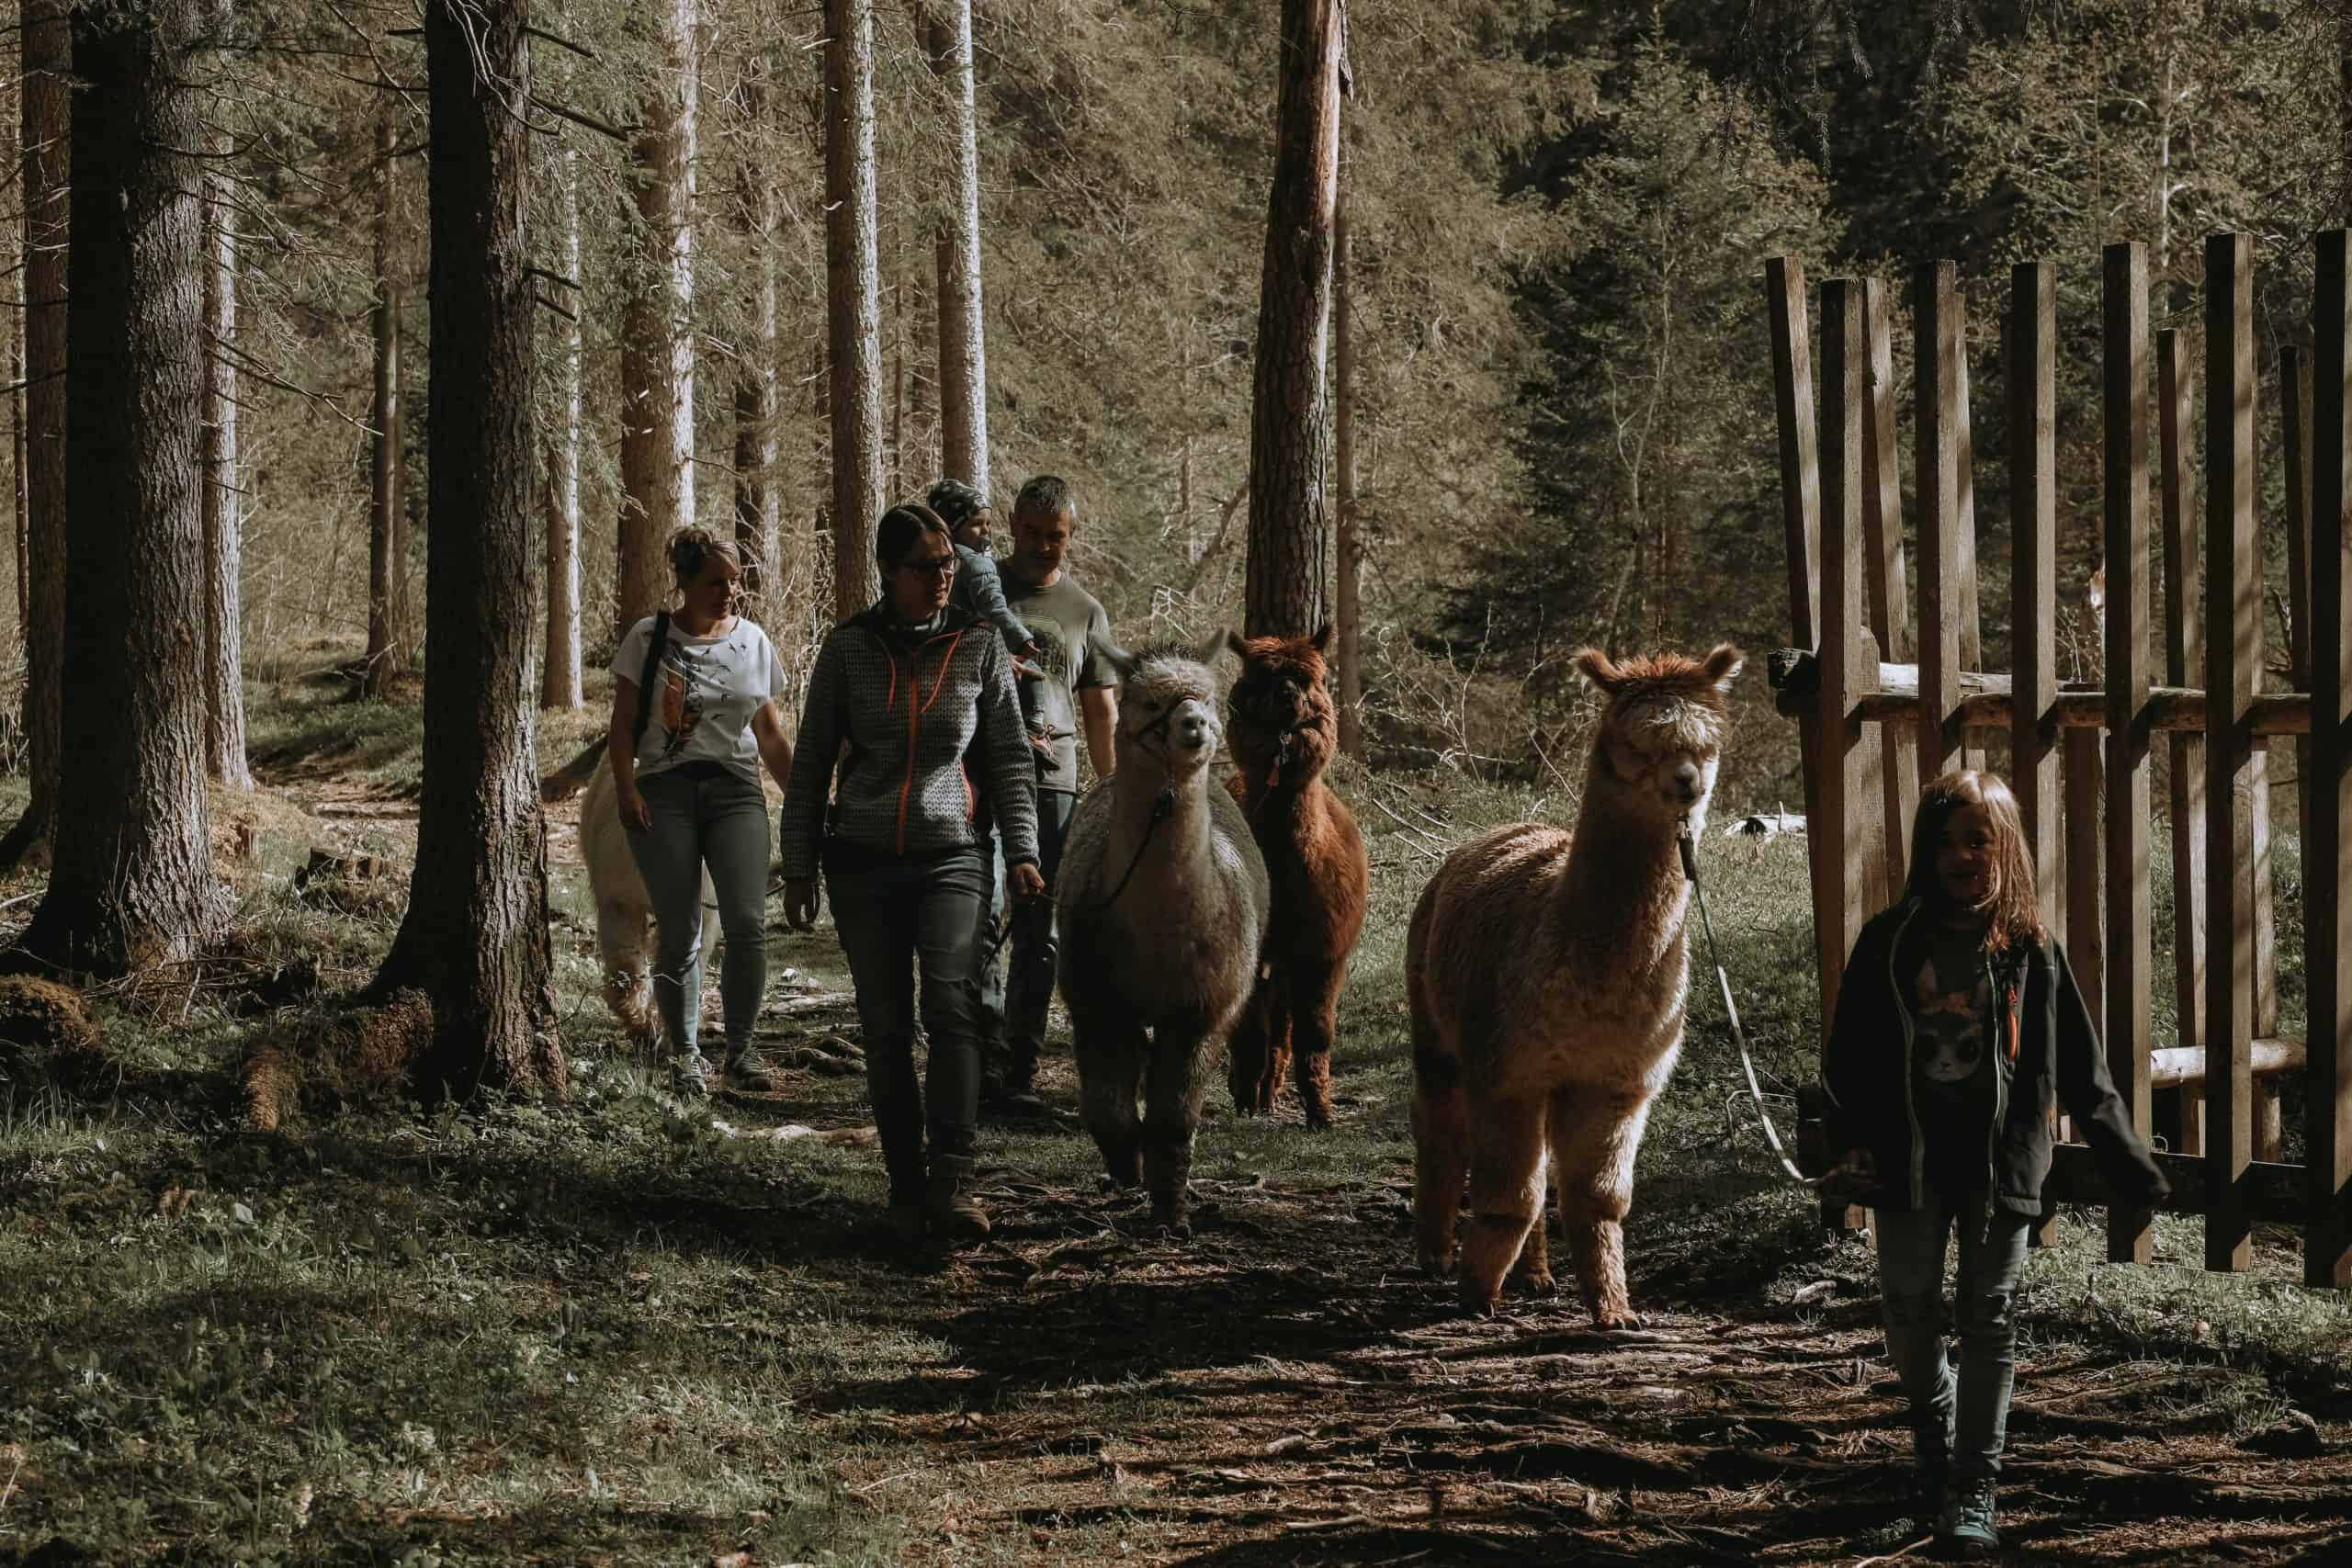 Gschnitzer_Alpaka-Alpakas-Wanderungen-Tirol-07-scaled Wanderungen